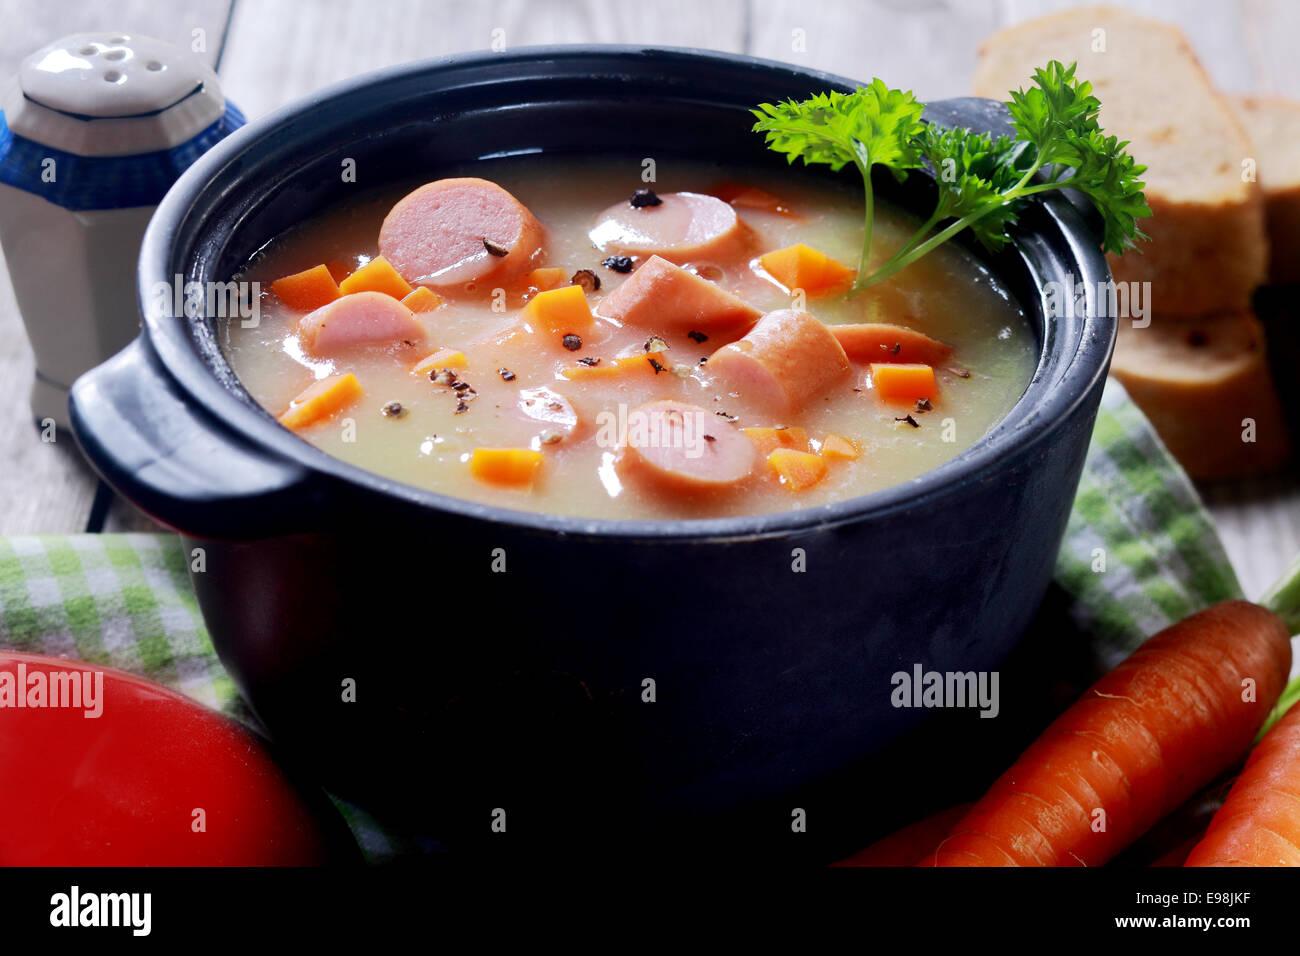 Appetitlich cremig Suppenschale auf schwarzen Topf gelegt auf Holztisch hautnah. Stockbild